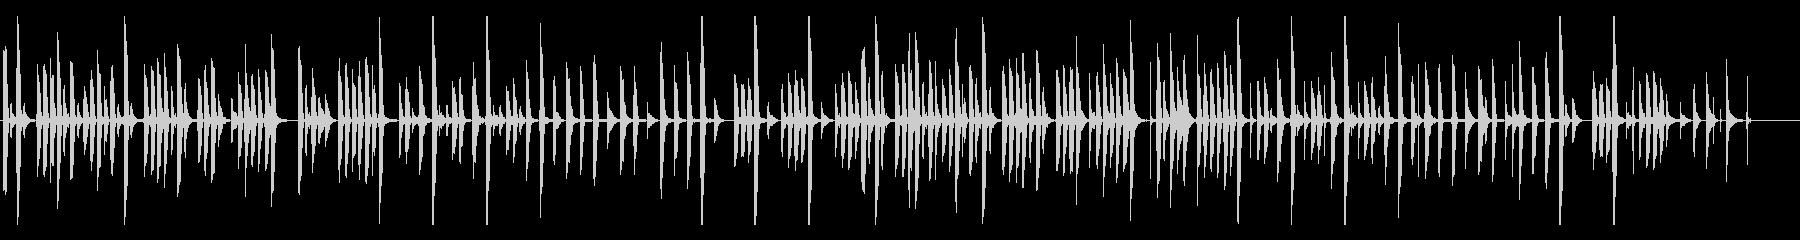 トーク・説明向きの、かわいいゆるい曲の未再生の波形